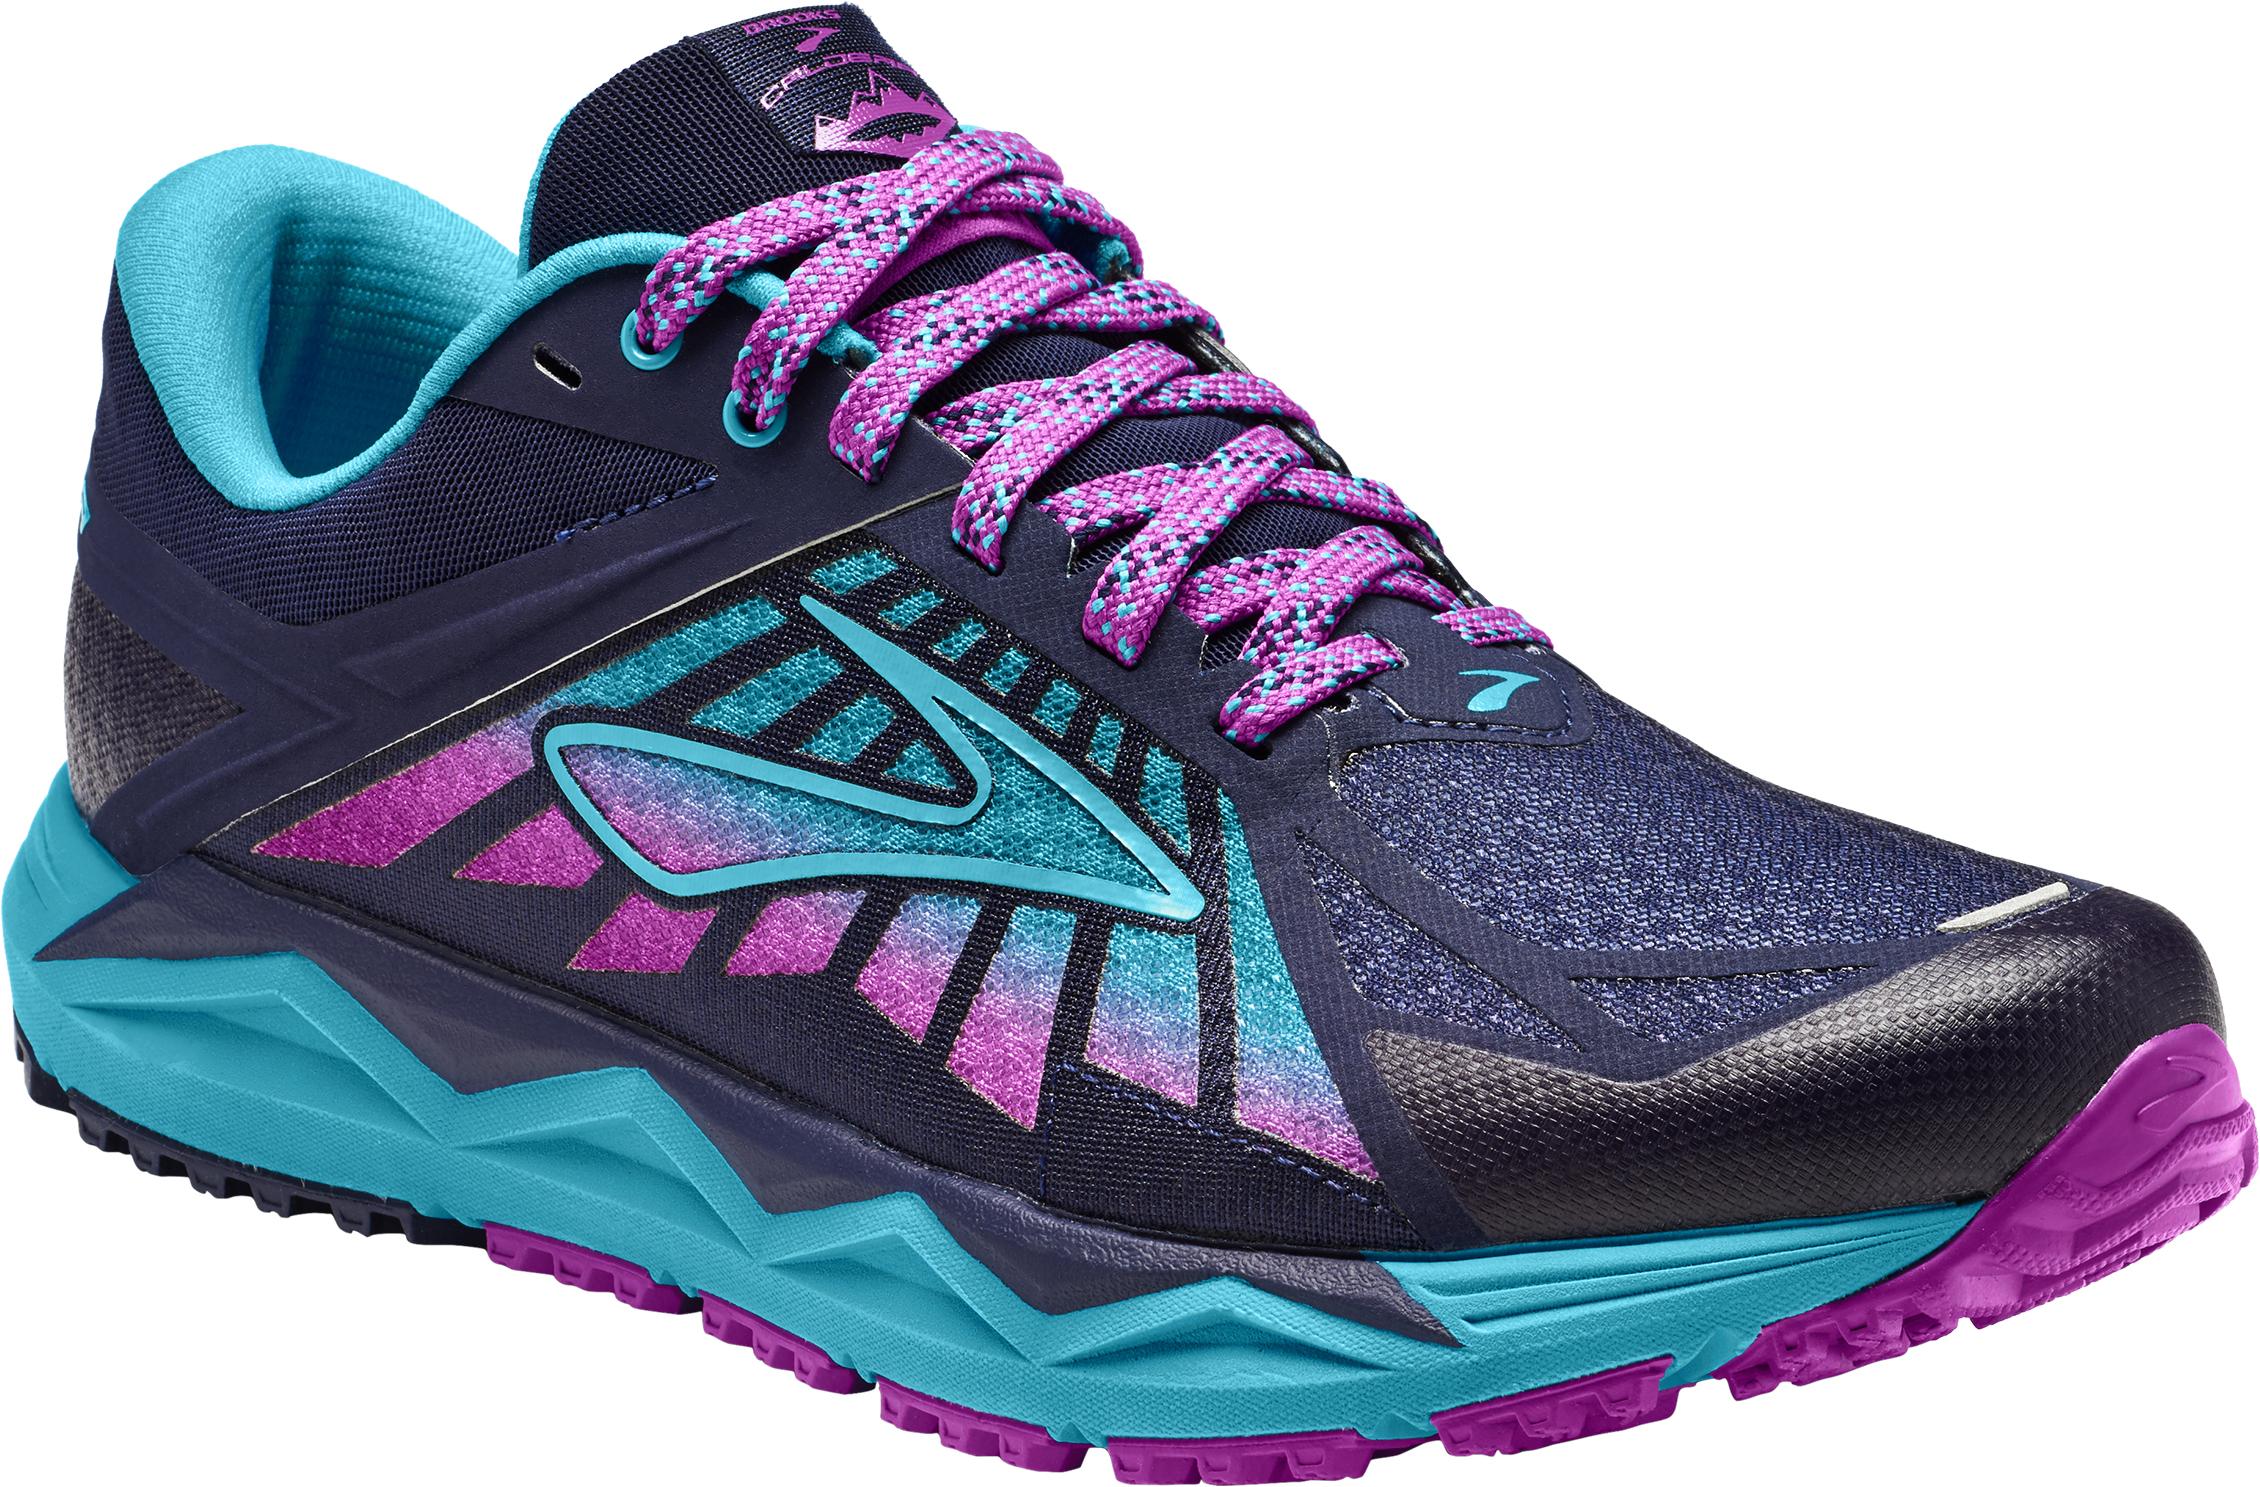 7e2d1395818 Brooks Caldera Trail Running Shoes - Women s